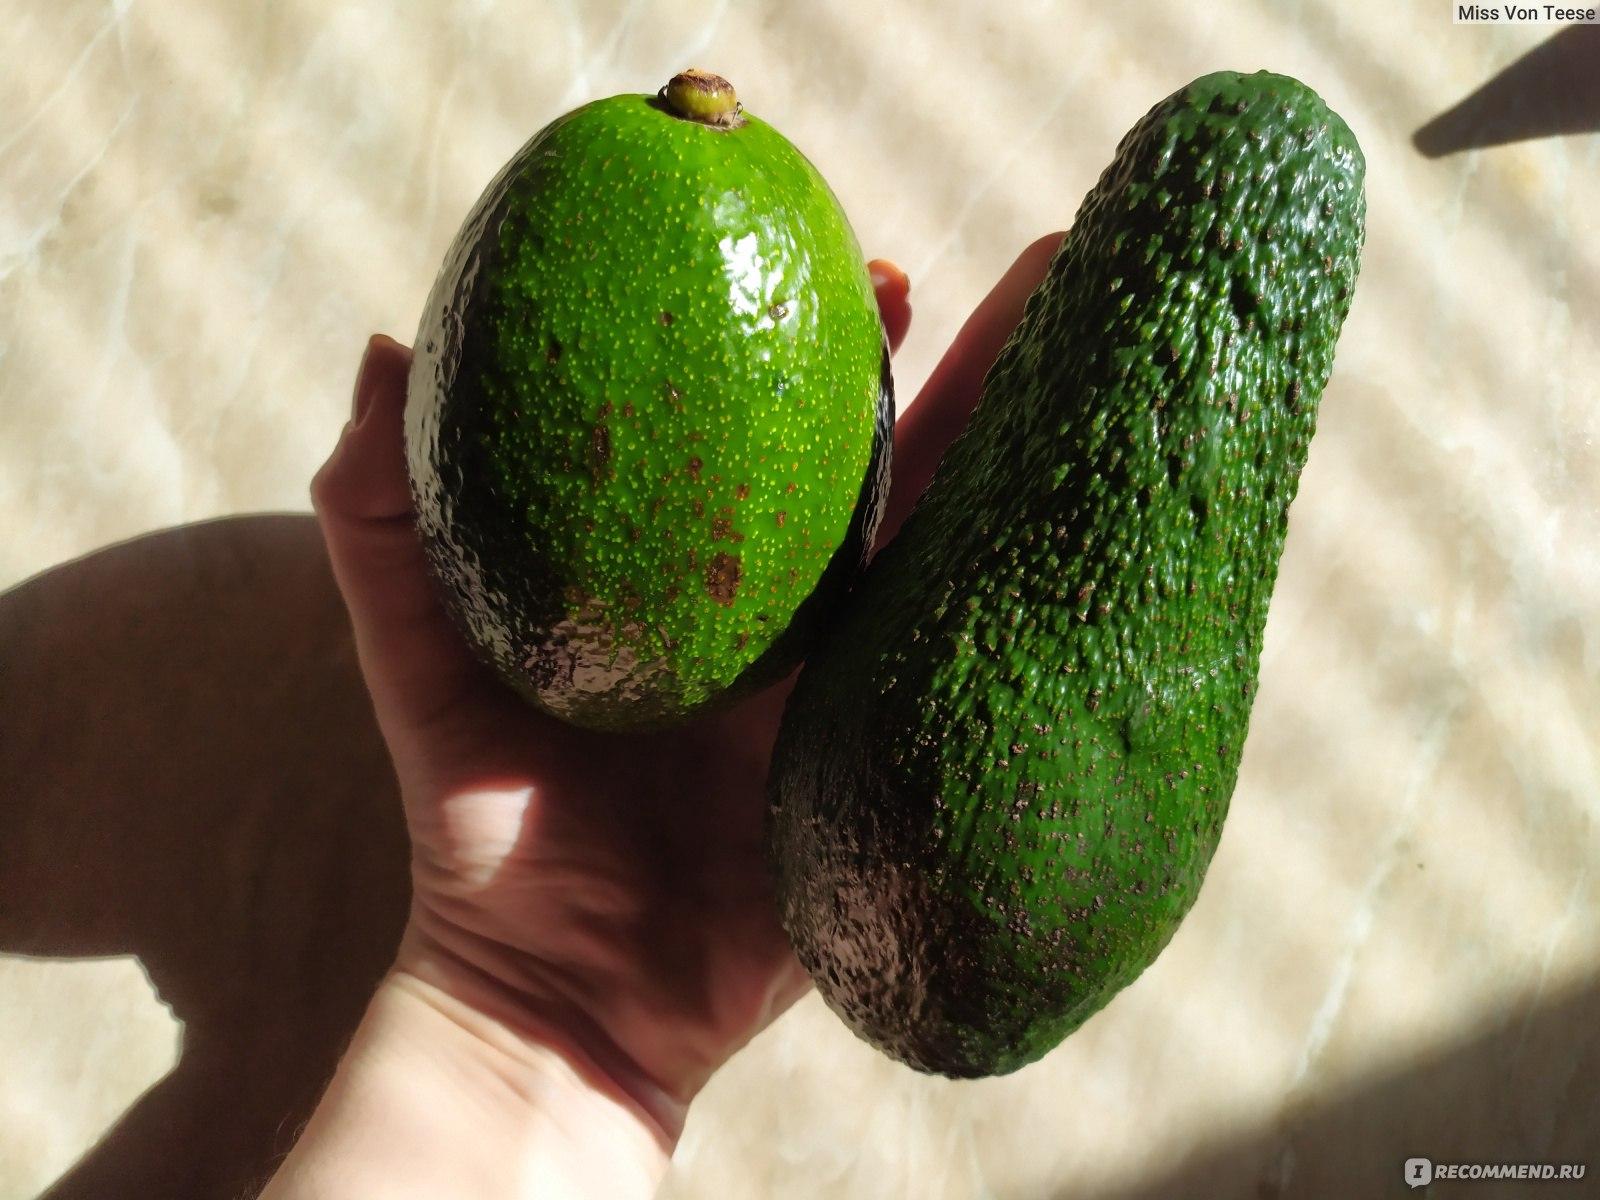 Описание и история селекции сорта авокадо хаас, применение и чем отличается от обычного